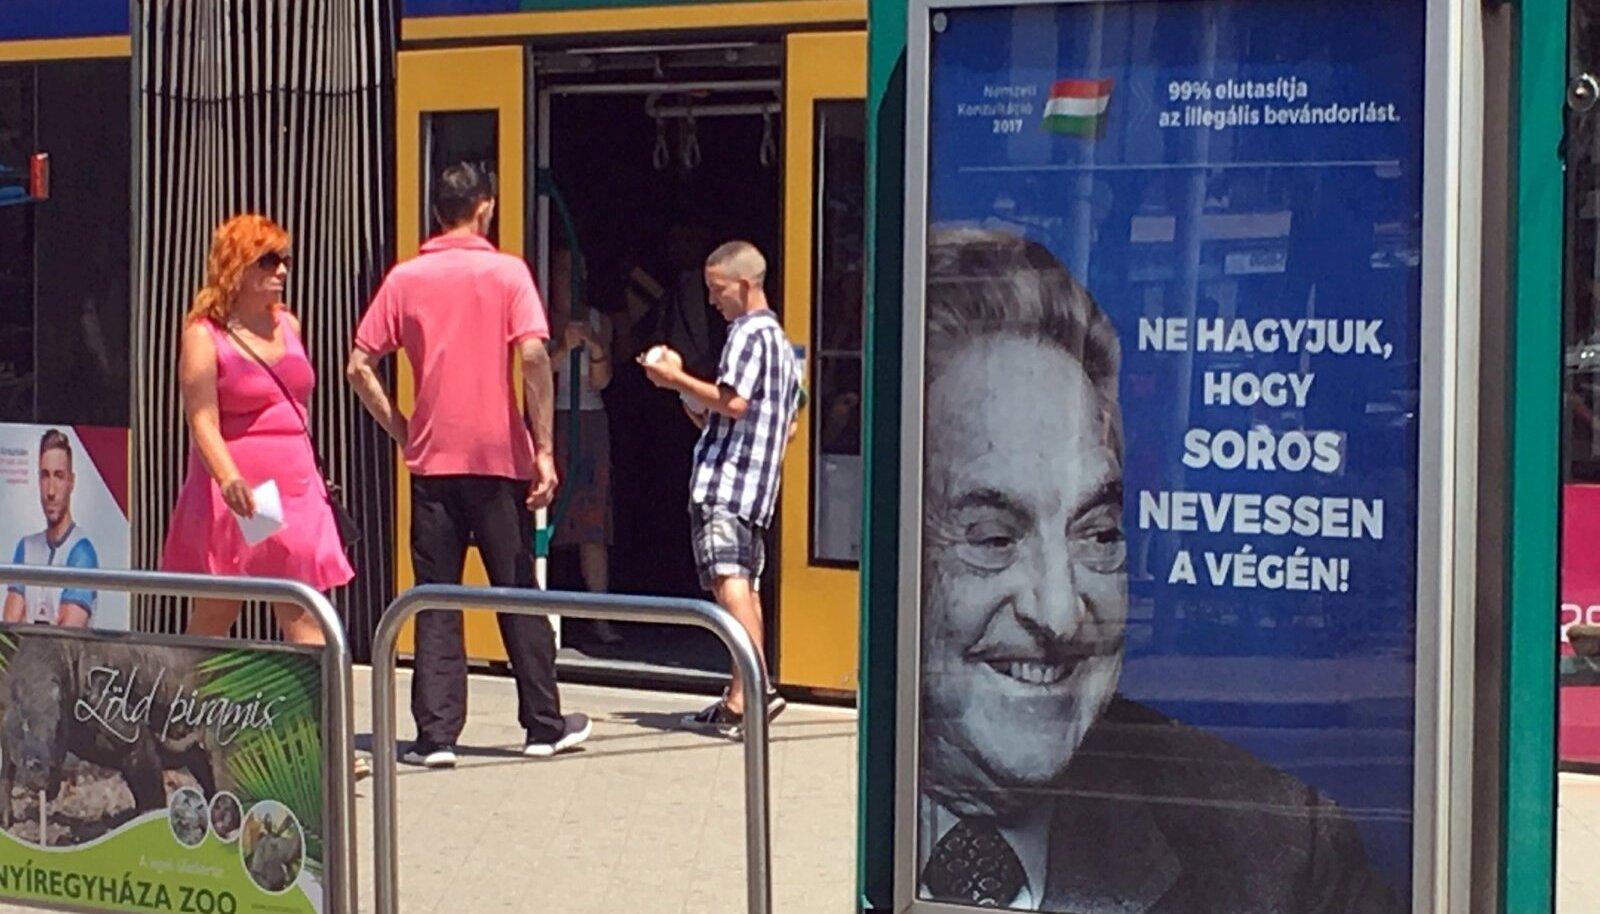 Budapesti trammipeatustes jälgib ungarlasi Sorose saatanlik irve.